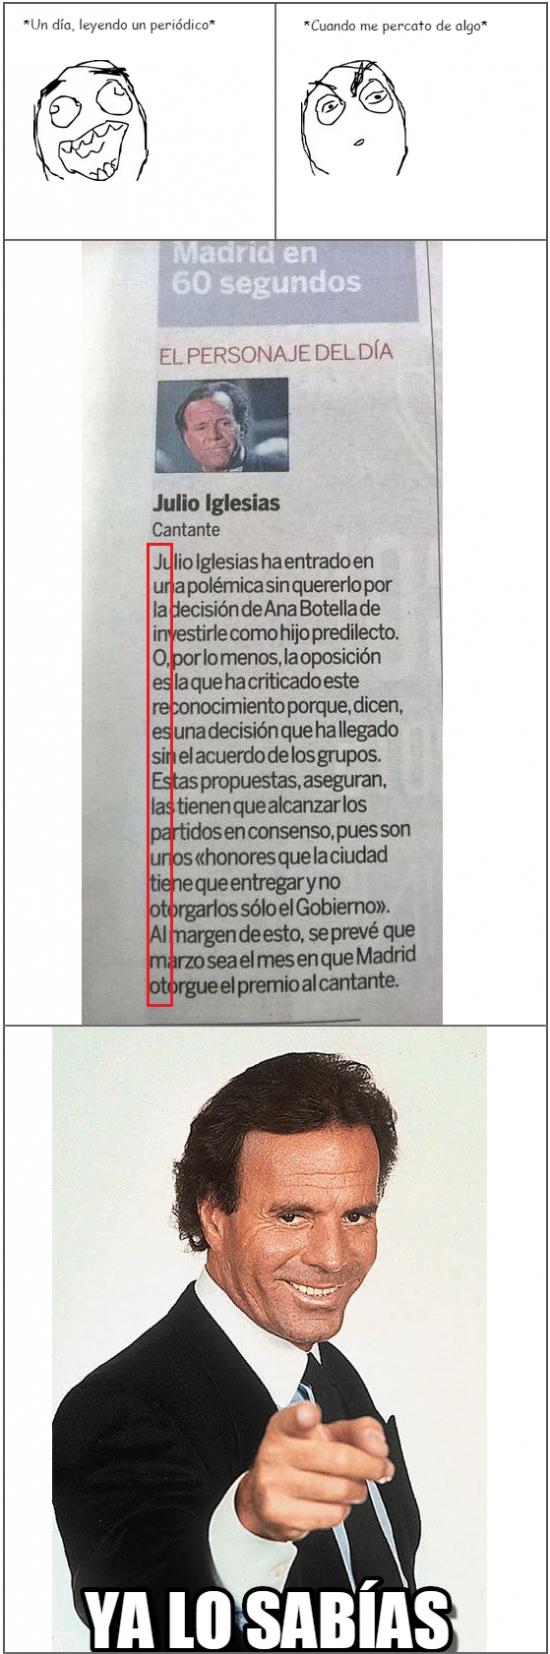 Meme_otros - Mensajes ocultos en el periódico